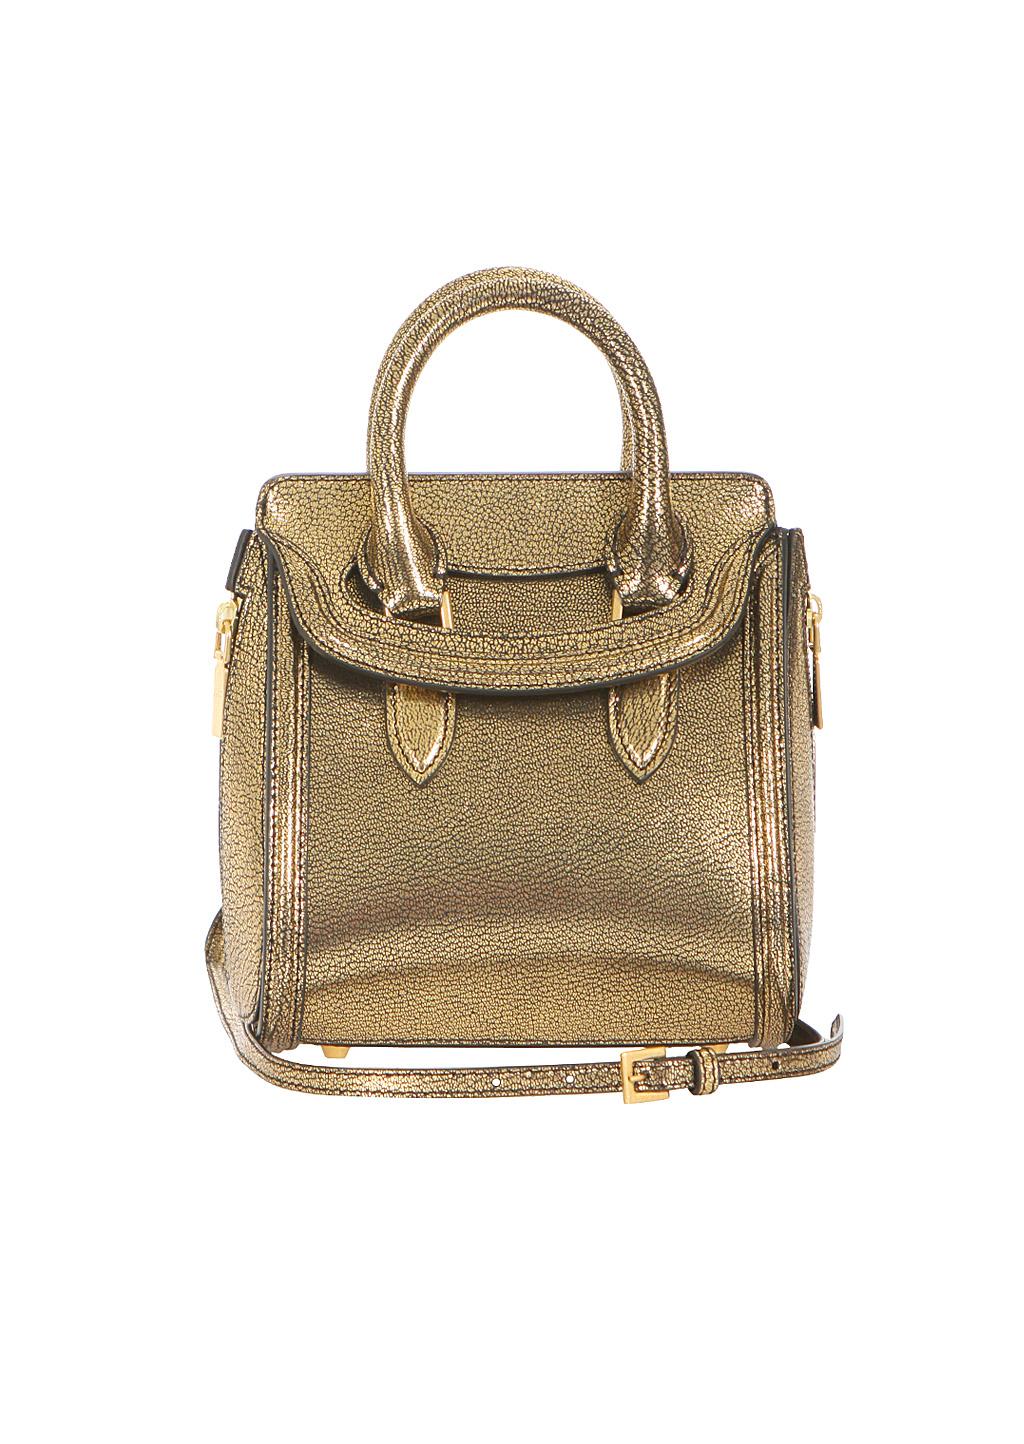 Alexander Mcqueen Knuckle Bag | Alexander Mcqueen Bags | Alexander Mcqueen Makeup Bag